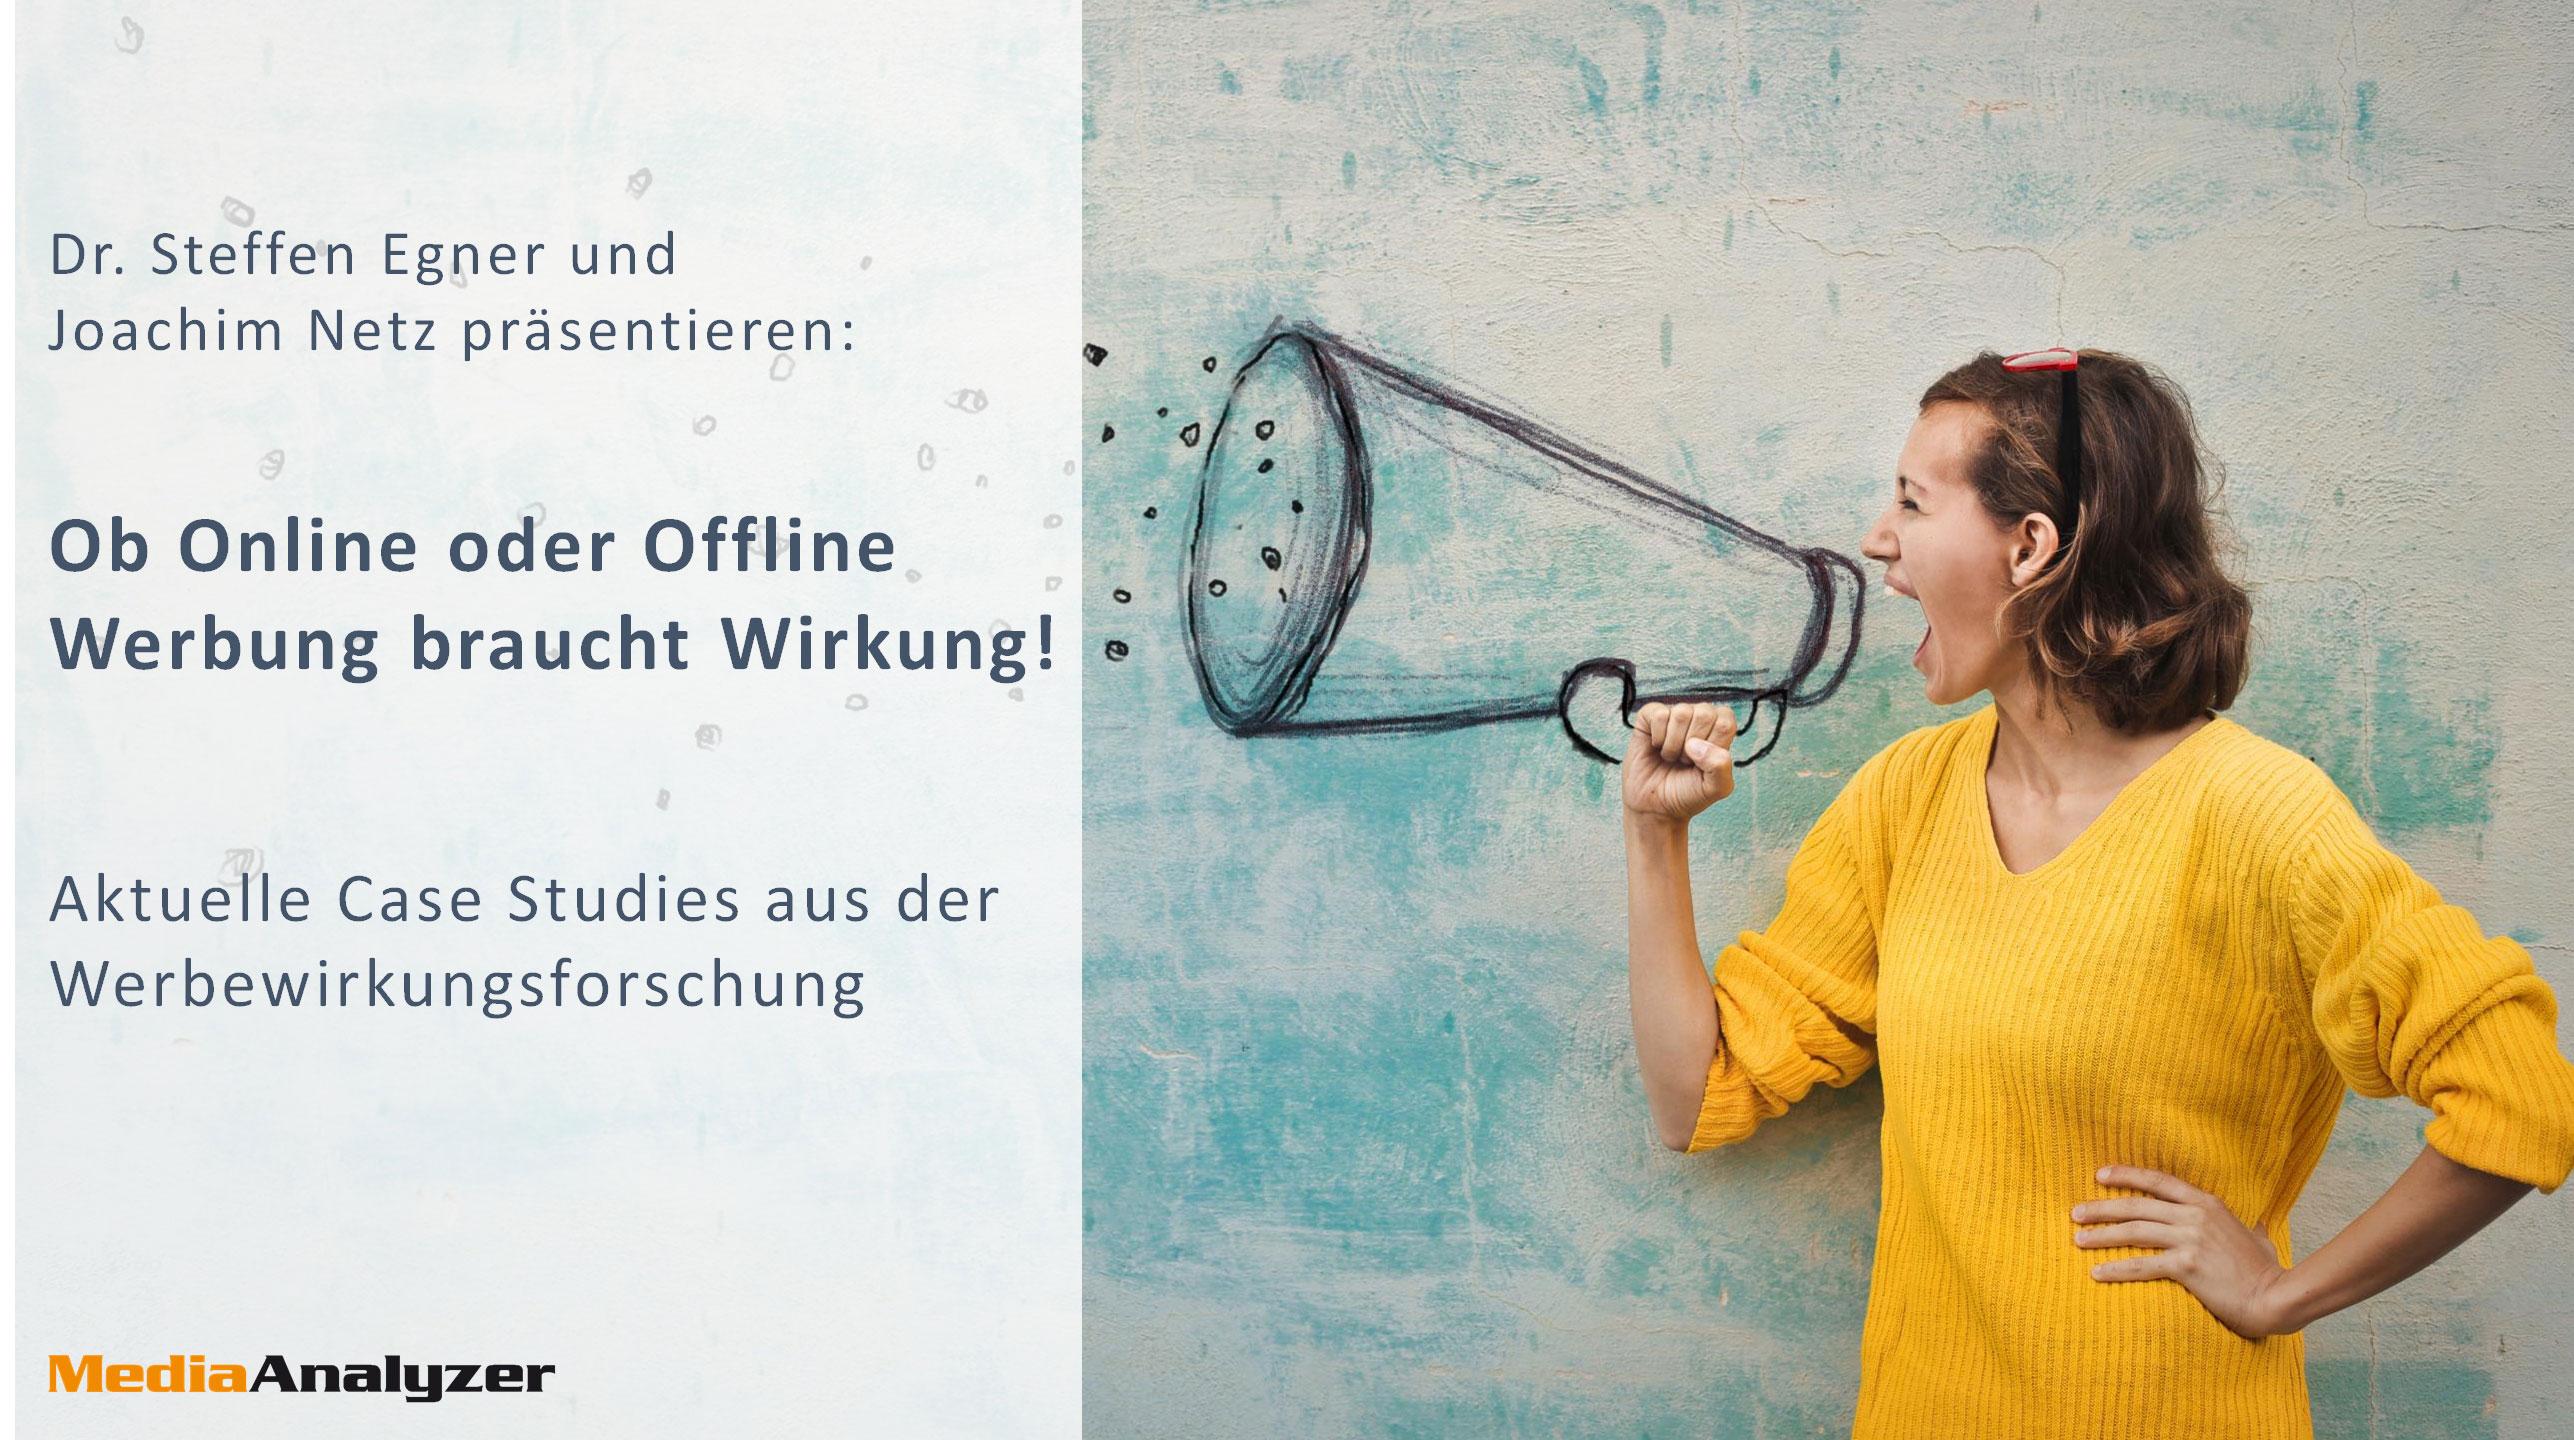 Vortrag-Werbung-Braucht-Wirkung-MediaAnalyzer